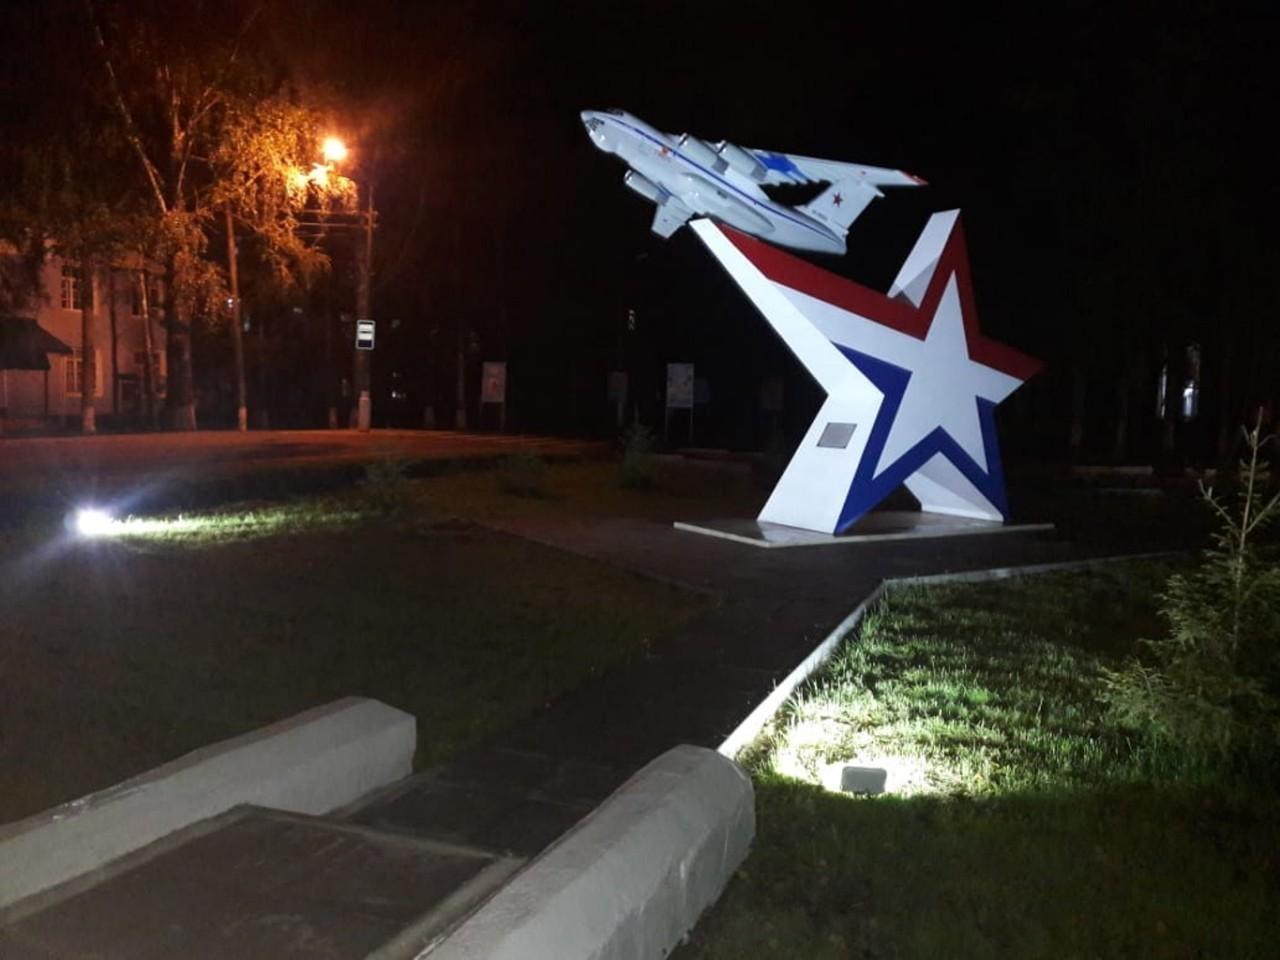 В Твери установлен памятник самолету Ил-76